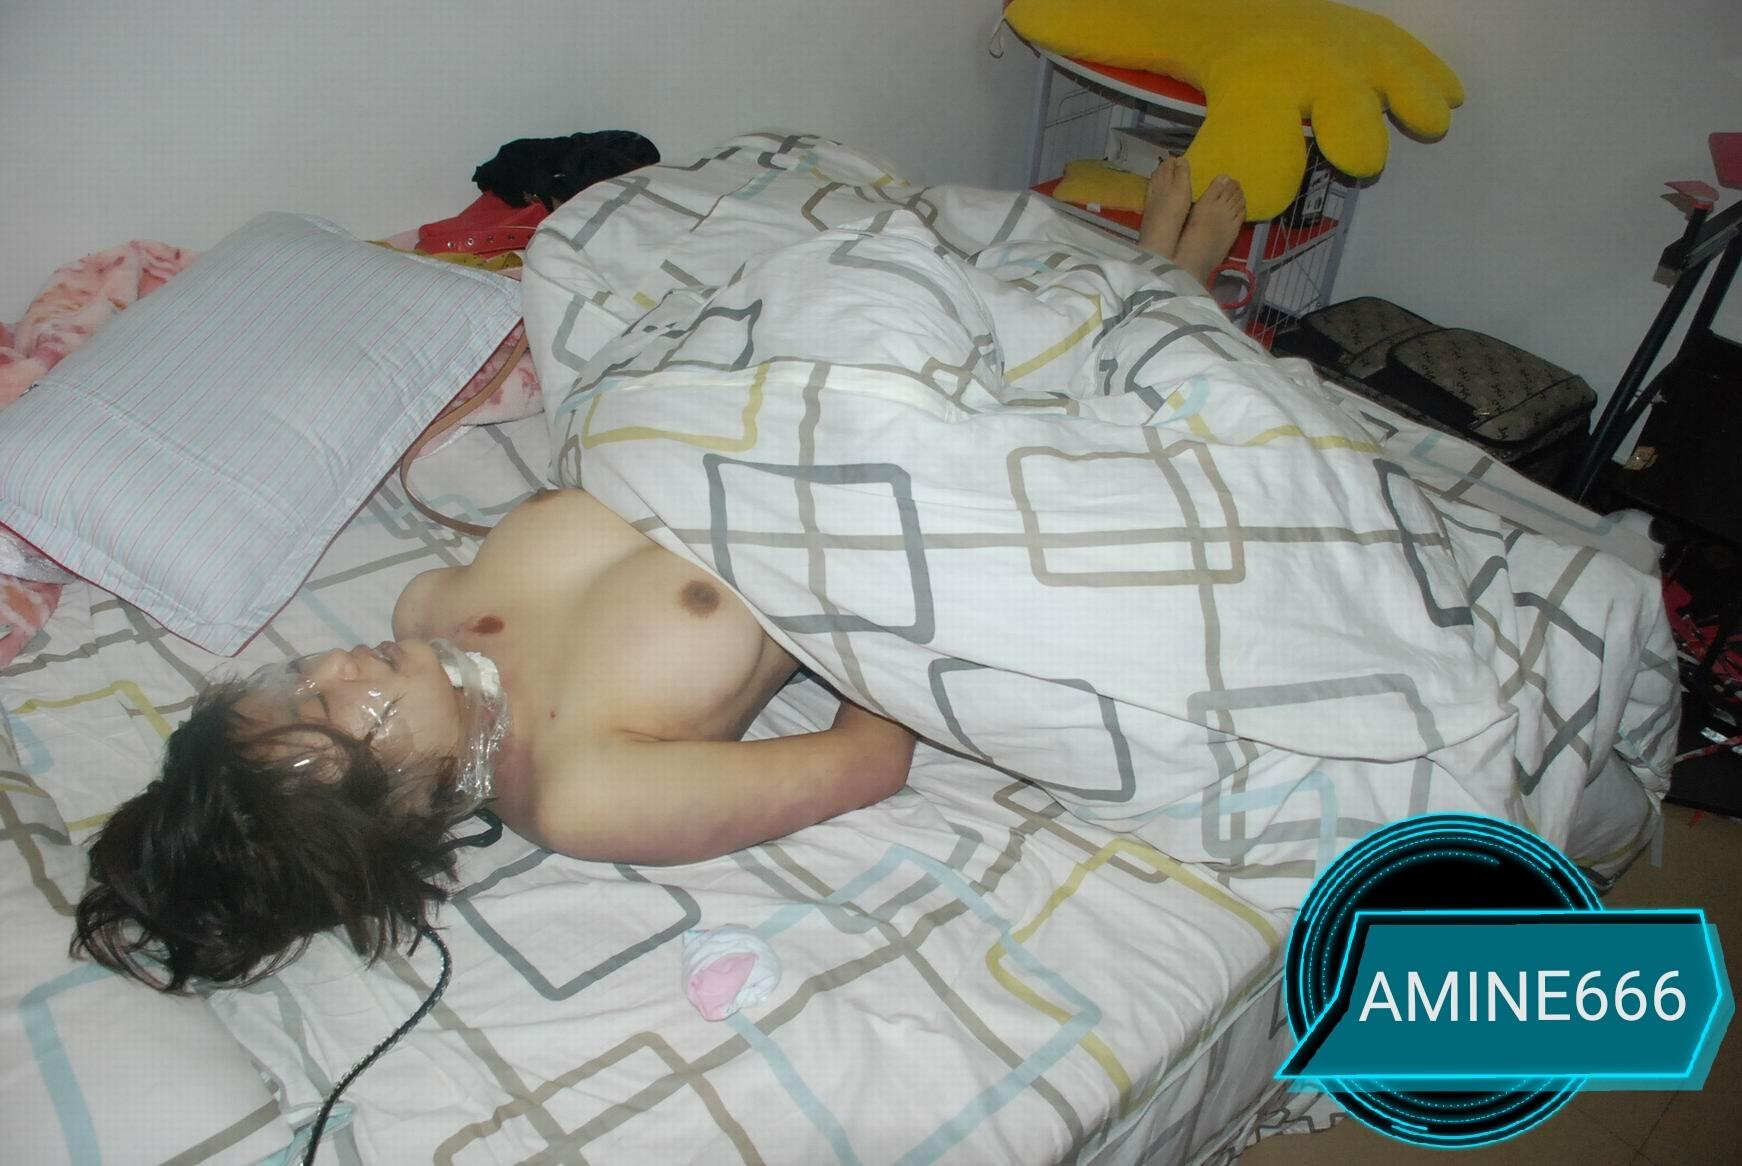 【レイプ殺人】中国でレイプされ絞殺された女性、なんで画像が出回るんだ・・・・・(画像)・5枚目